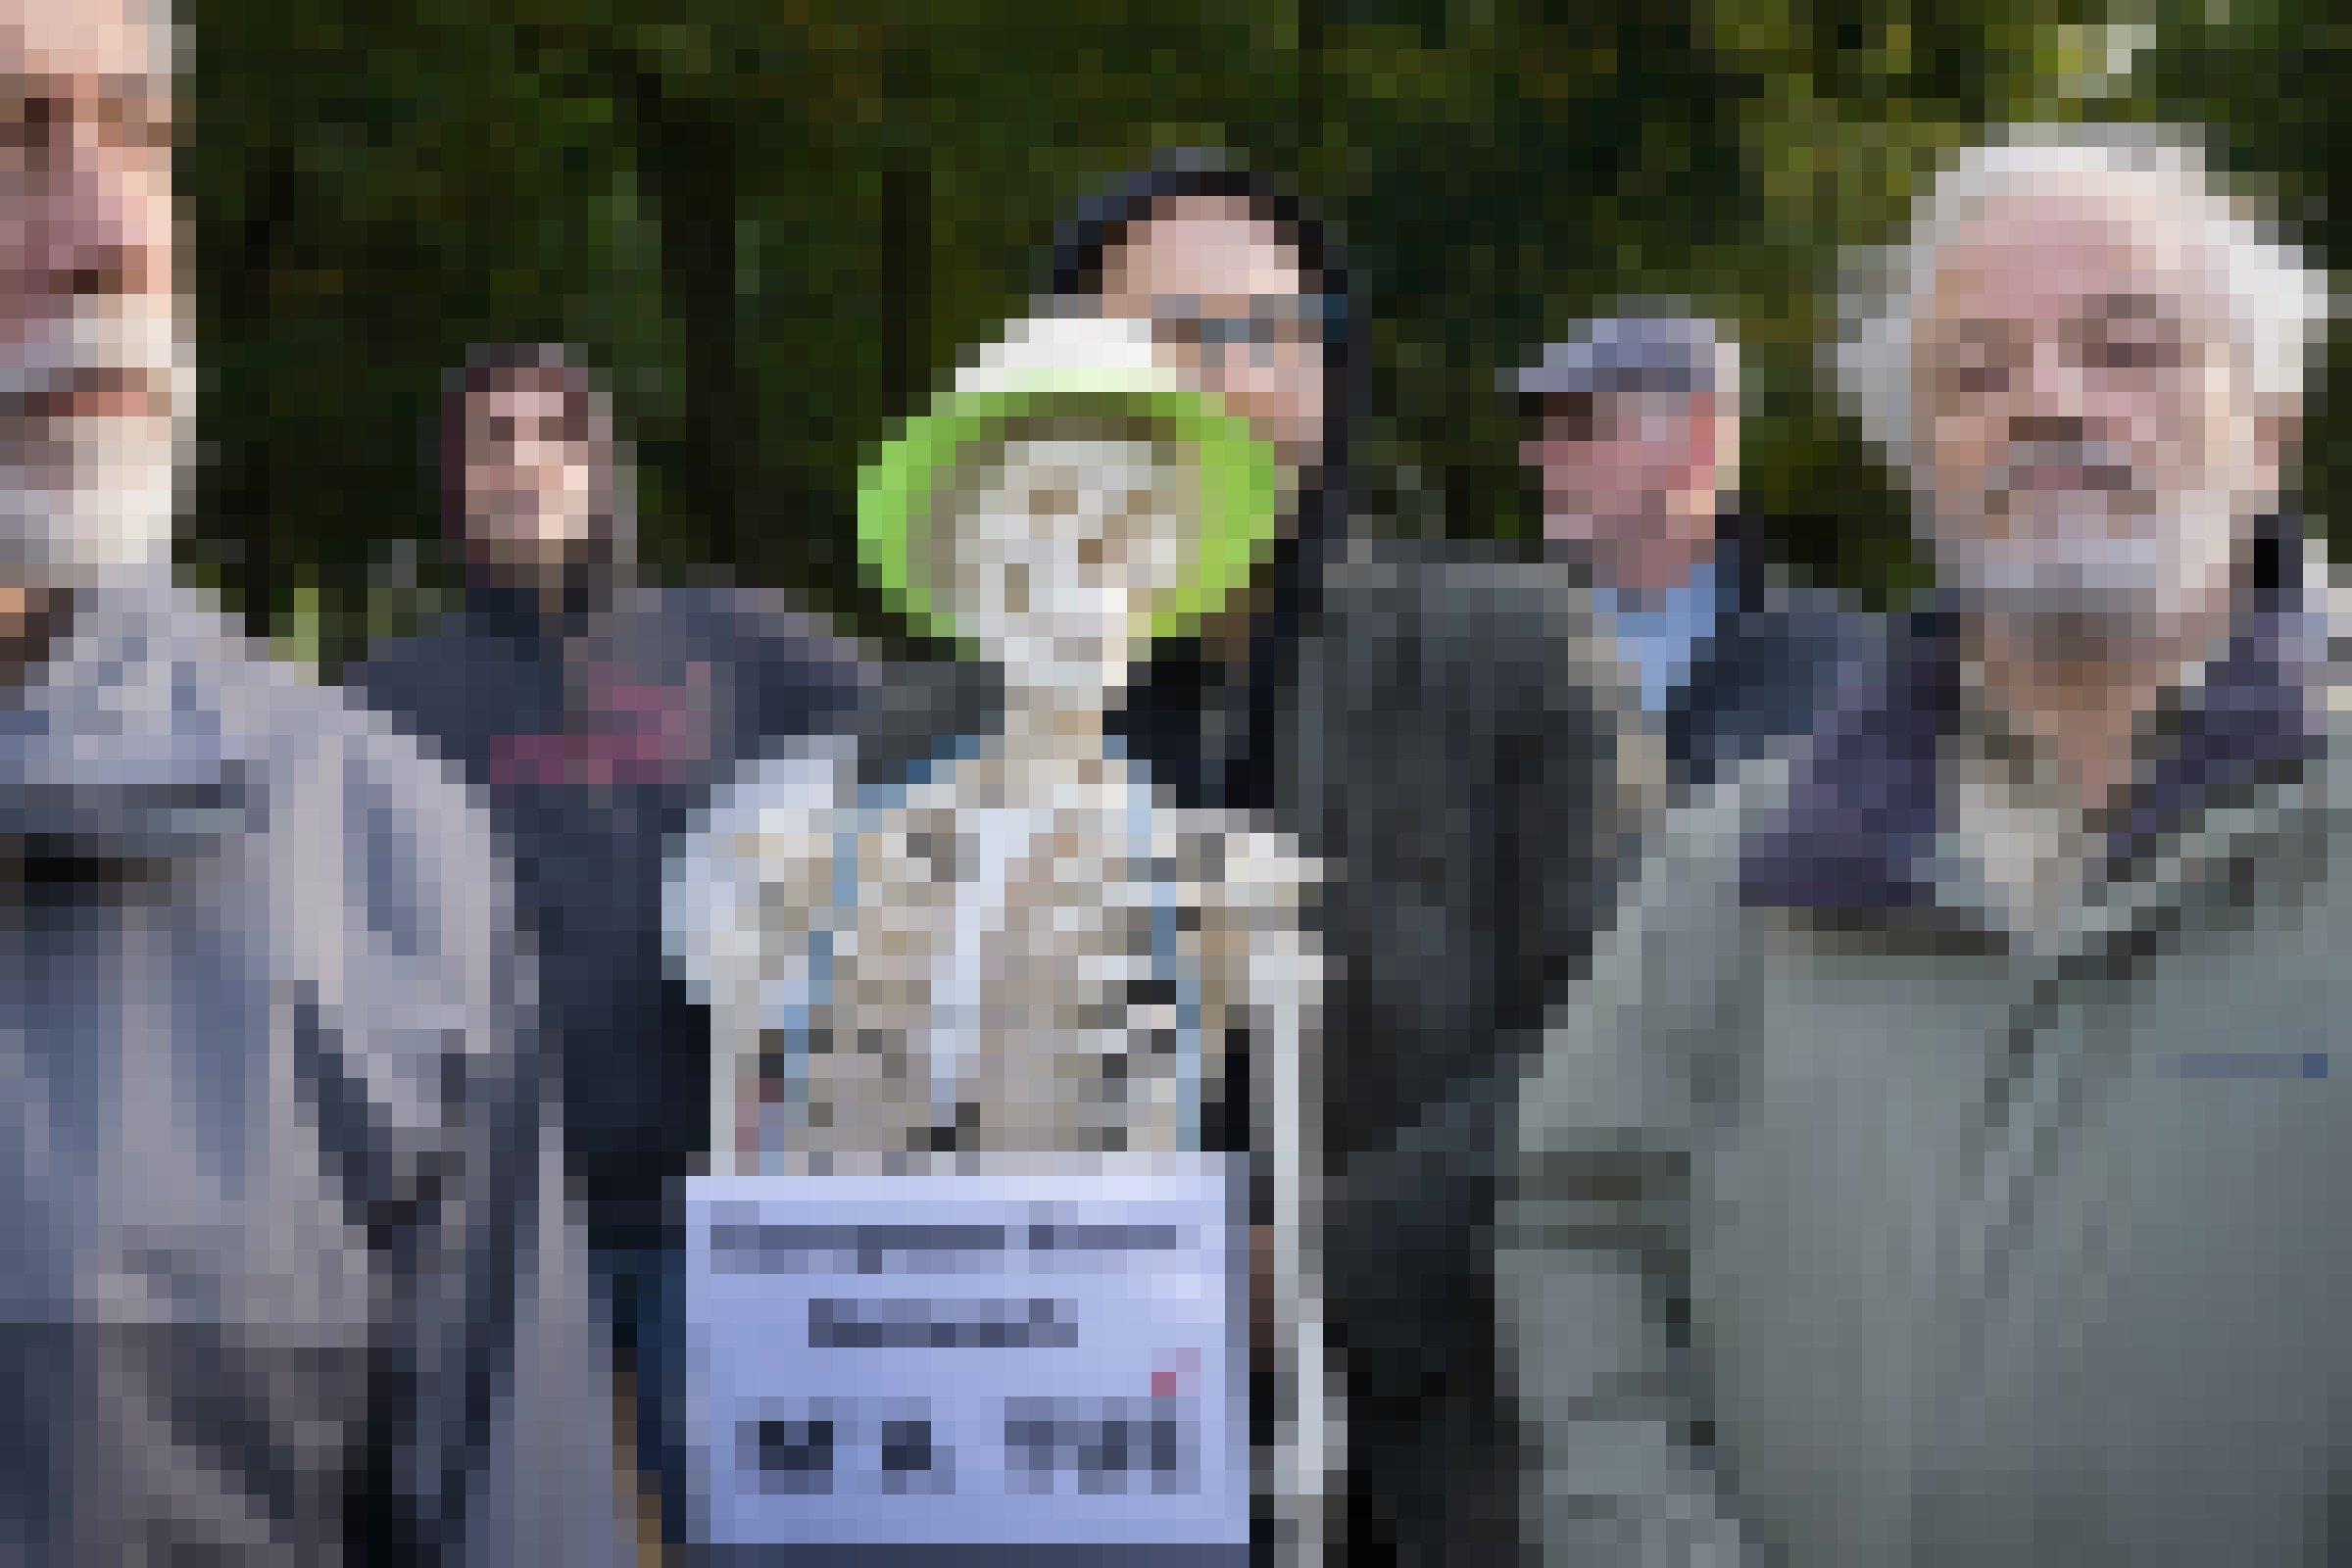 Menschen demonstrieren mit einem Skelett mit grünem Hut.